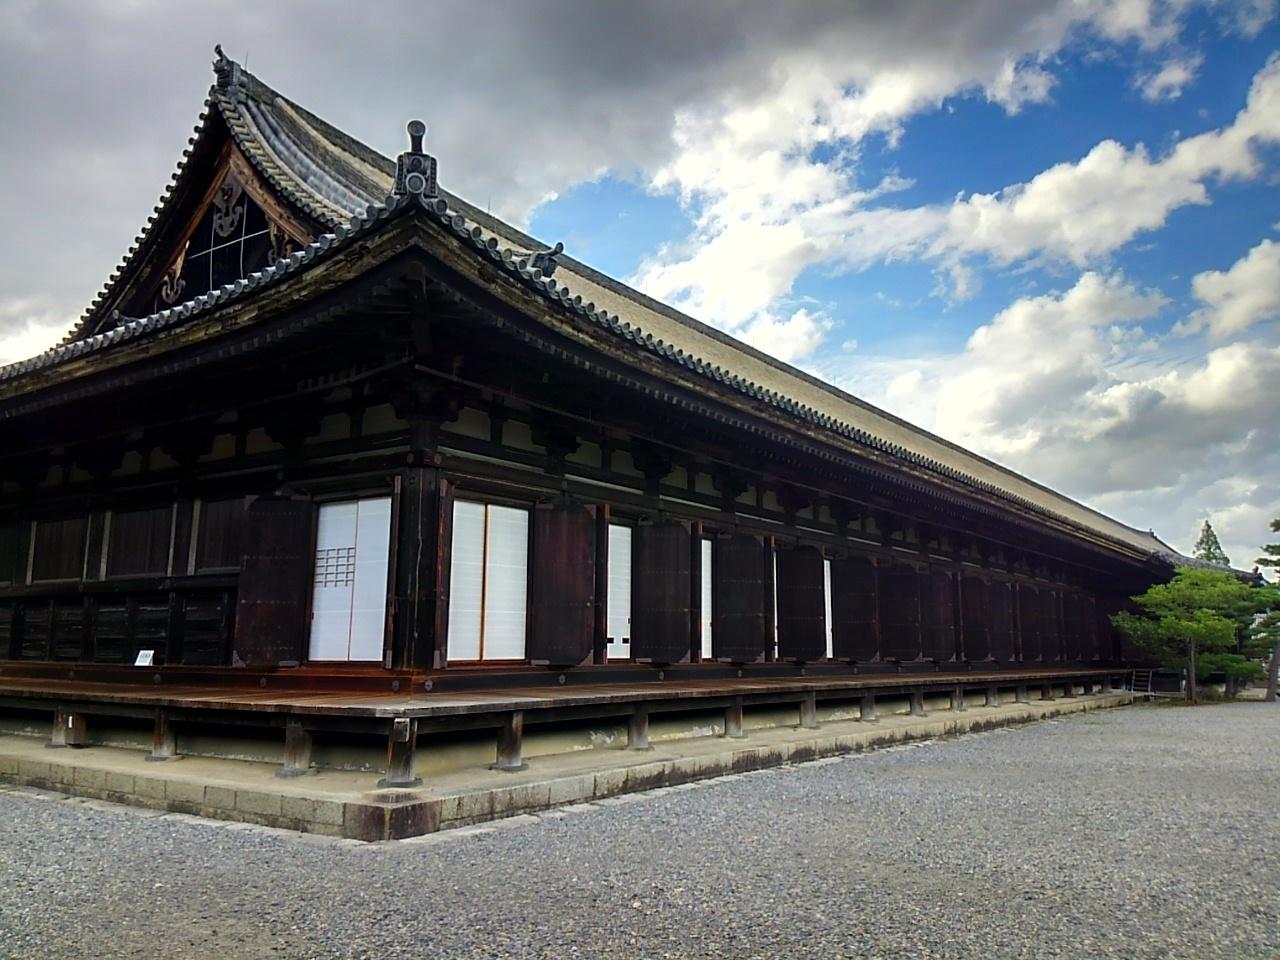 京都B級グルメ&カフェめぐり 2日目_d0083442_23394020.jpg